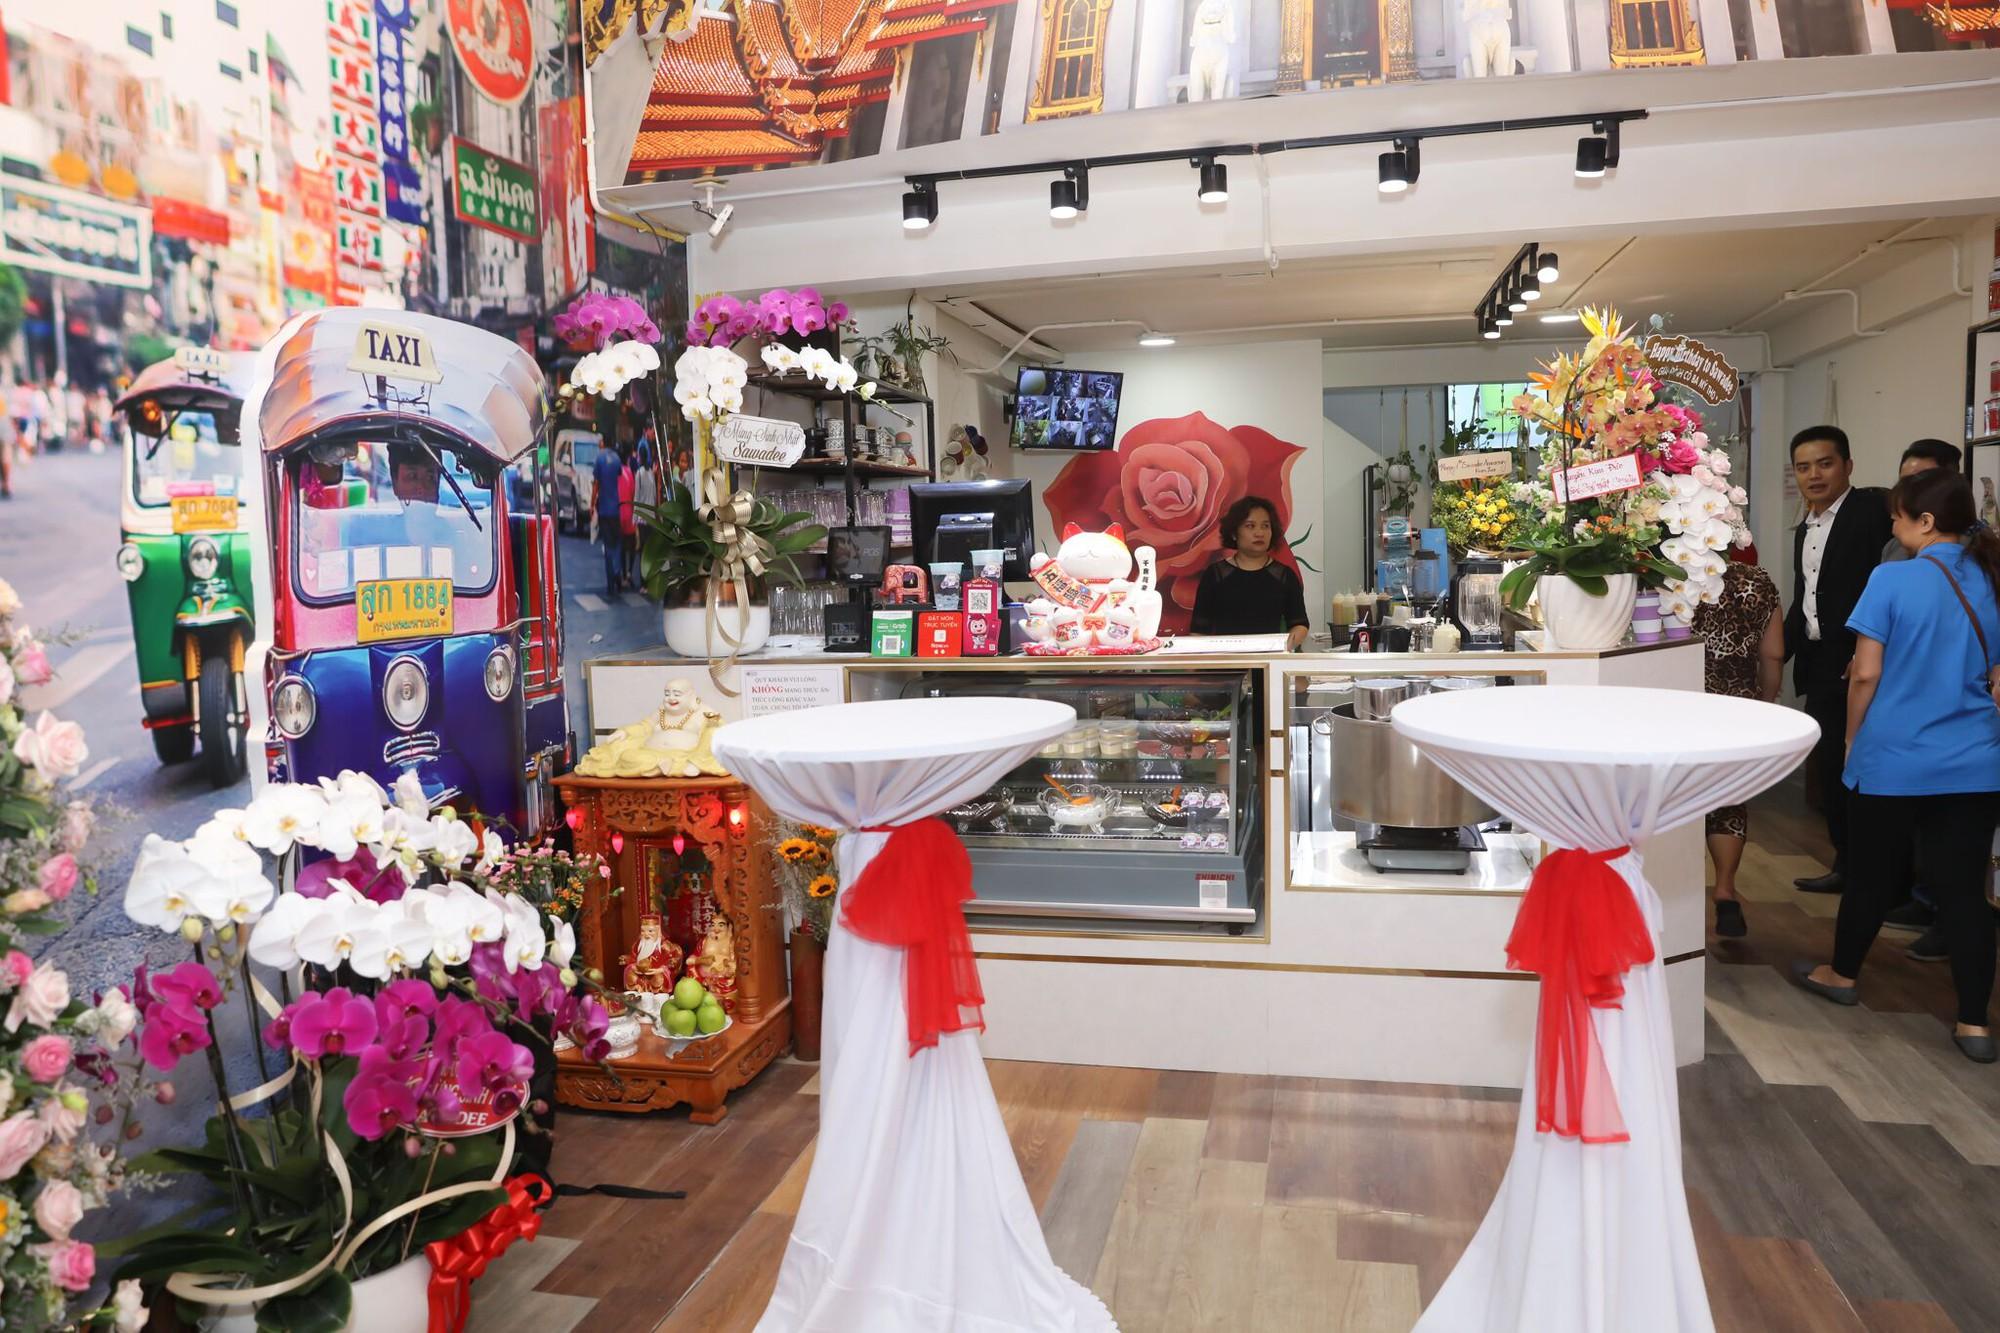 Trà sữa chuẩn vị Thái Lan lần đầu chào sân Sài thành - Ảnh 5.